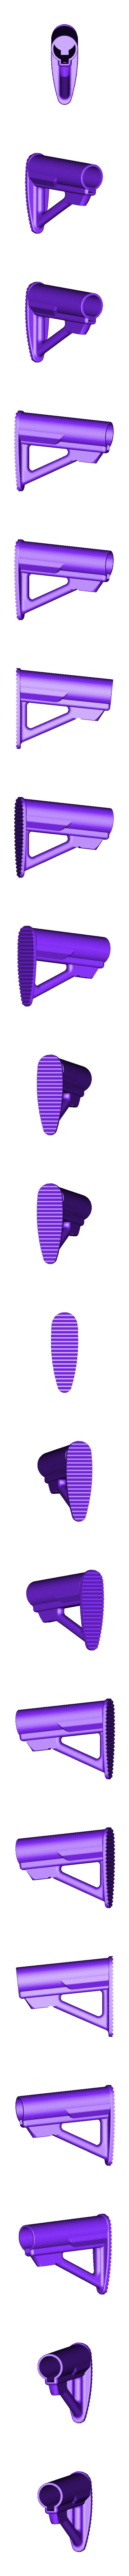 FGC9_UNW_Adjastable_BUTTSTOCK_v3.stl Download free STL file FGC-9 adjustable butt stock • 3D printer object, UntangleART